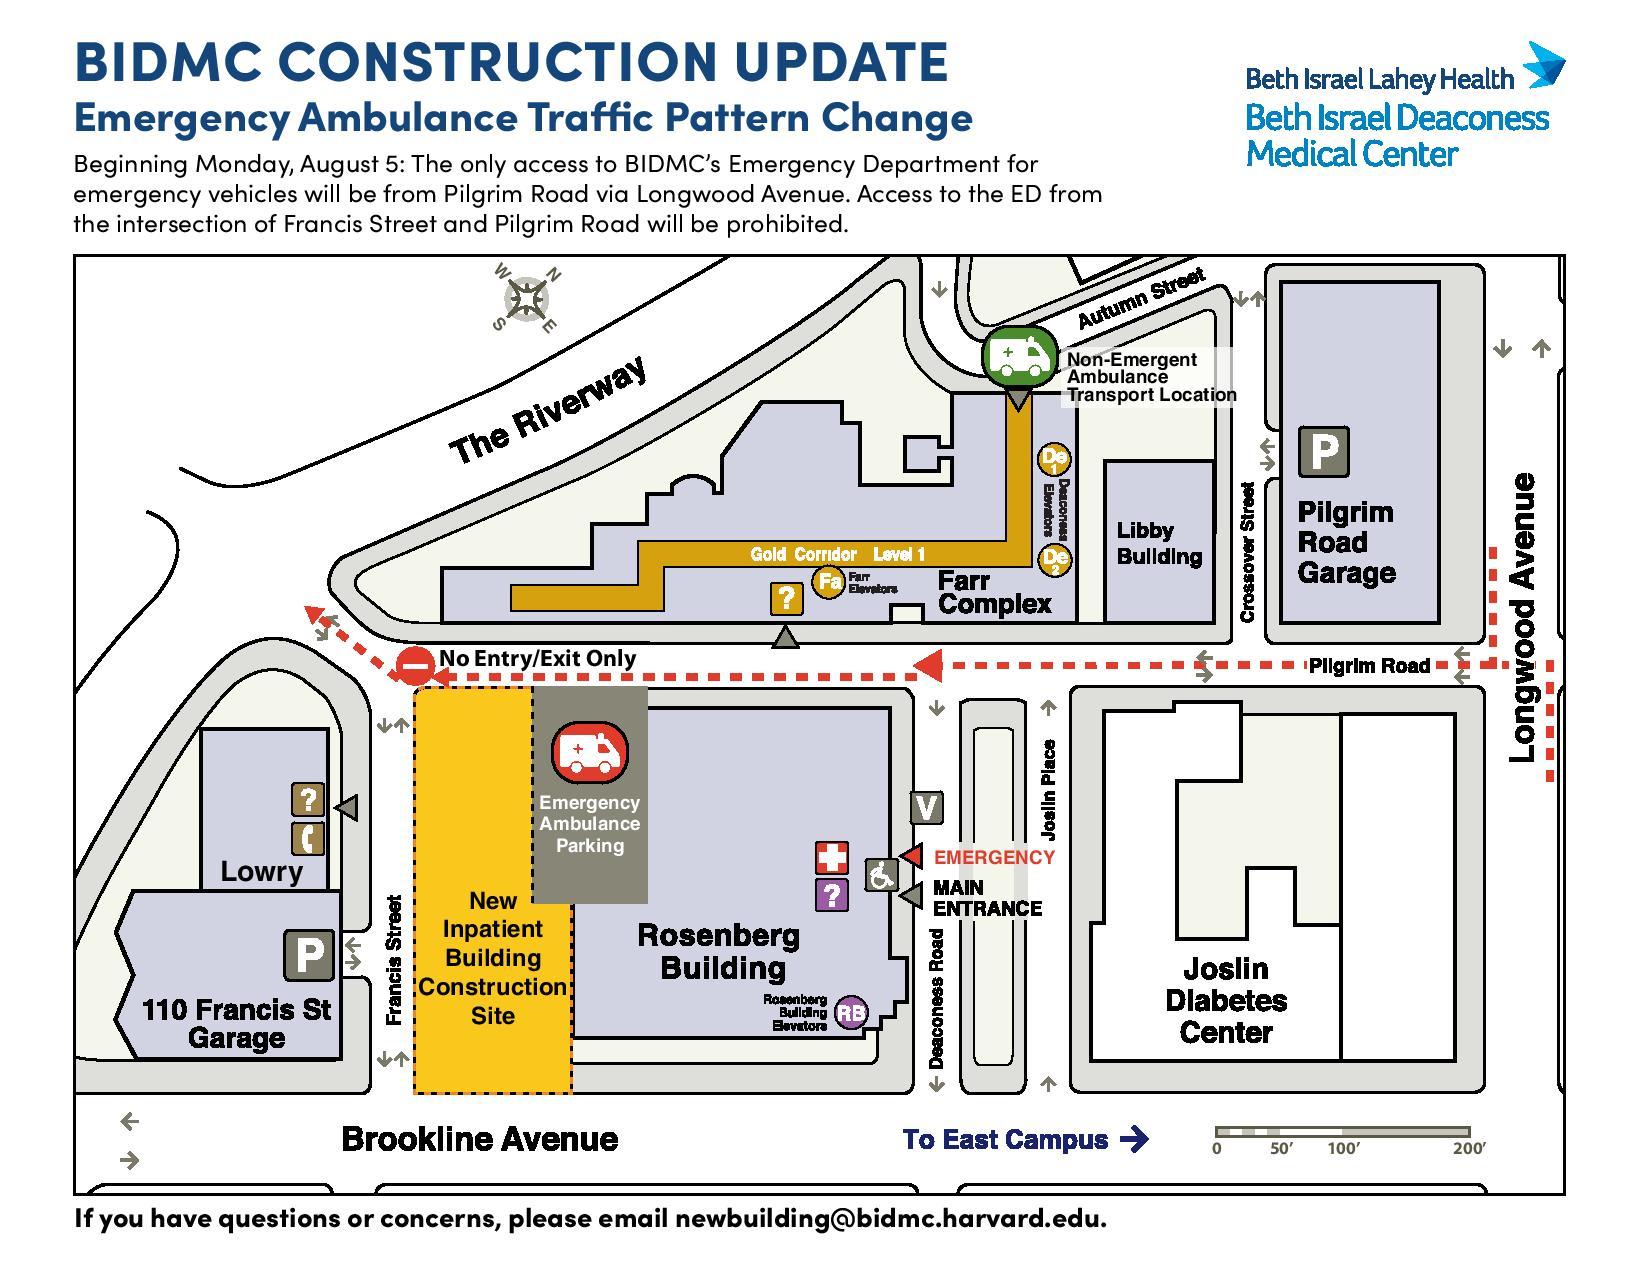 Ed Traffic Pattern Change At Bidmc Mbemsc